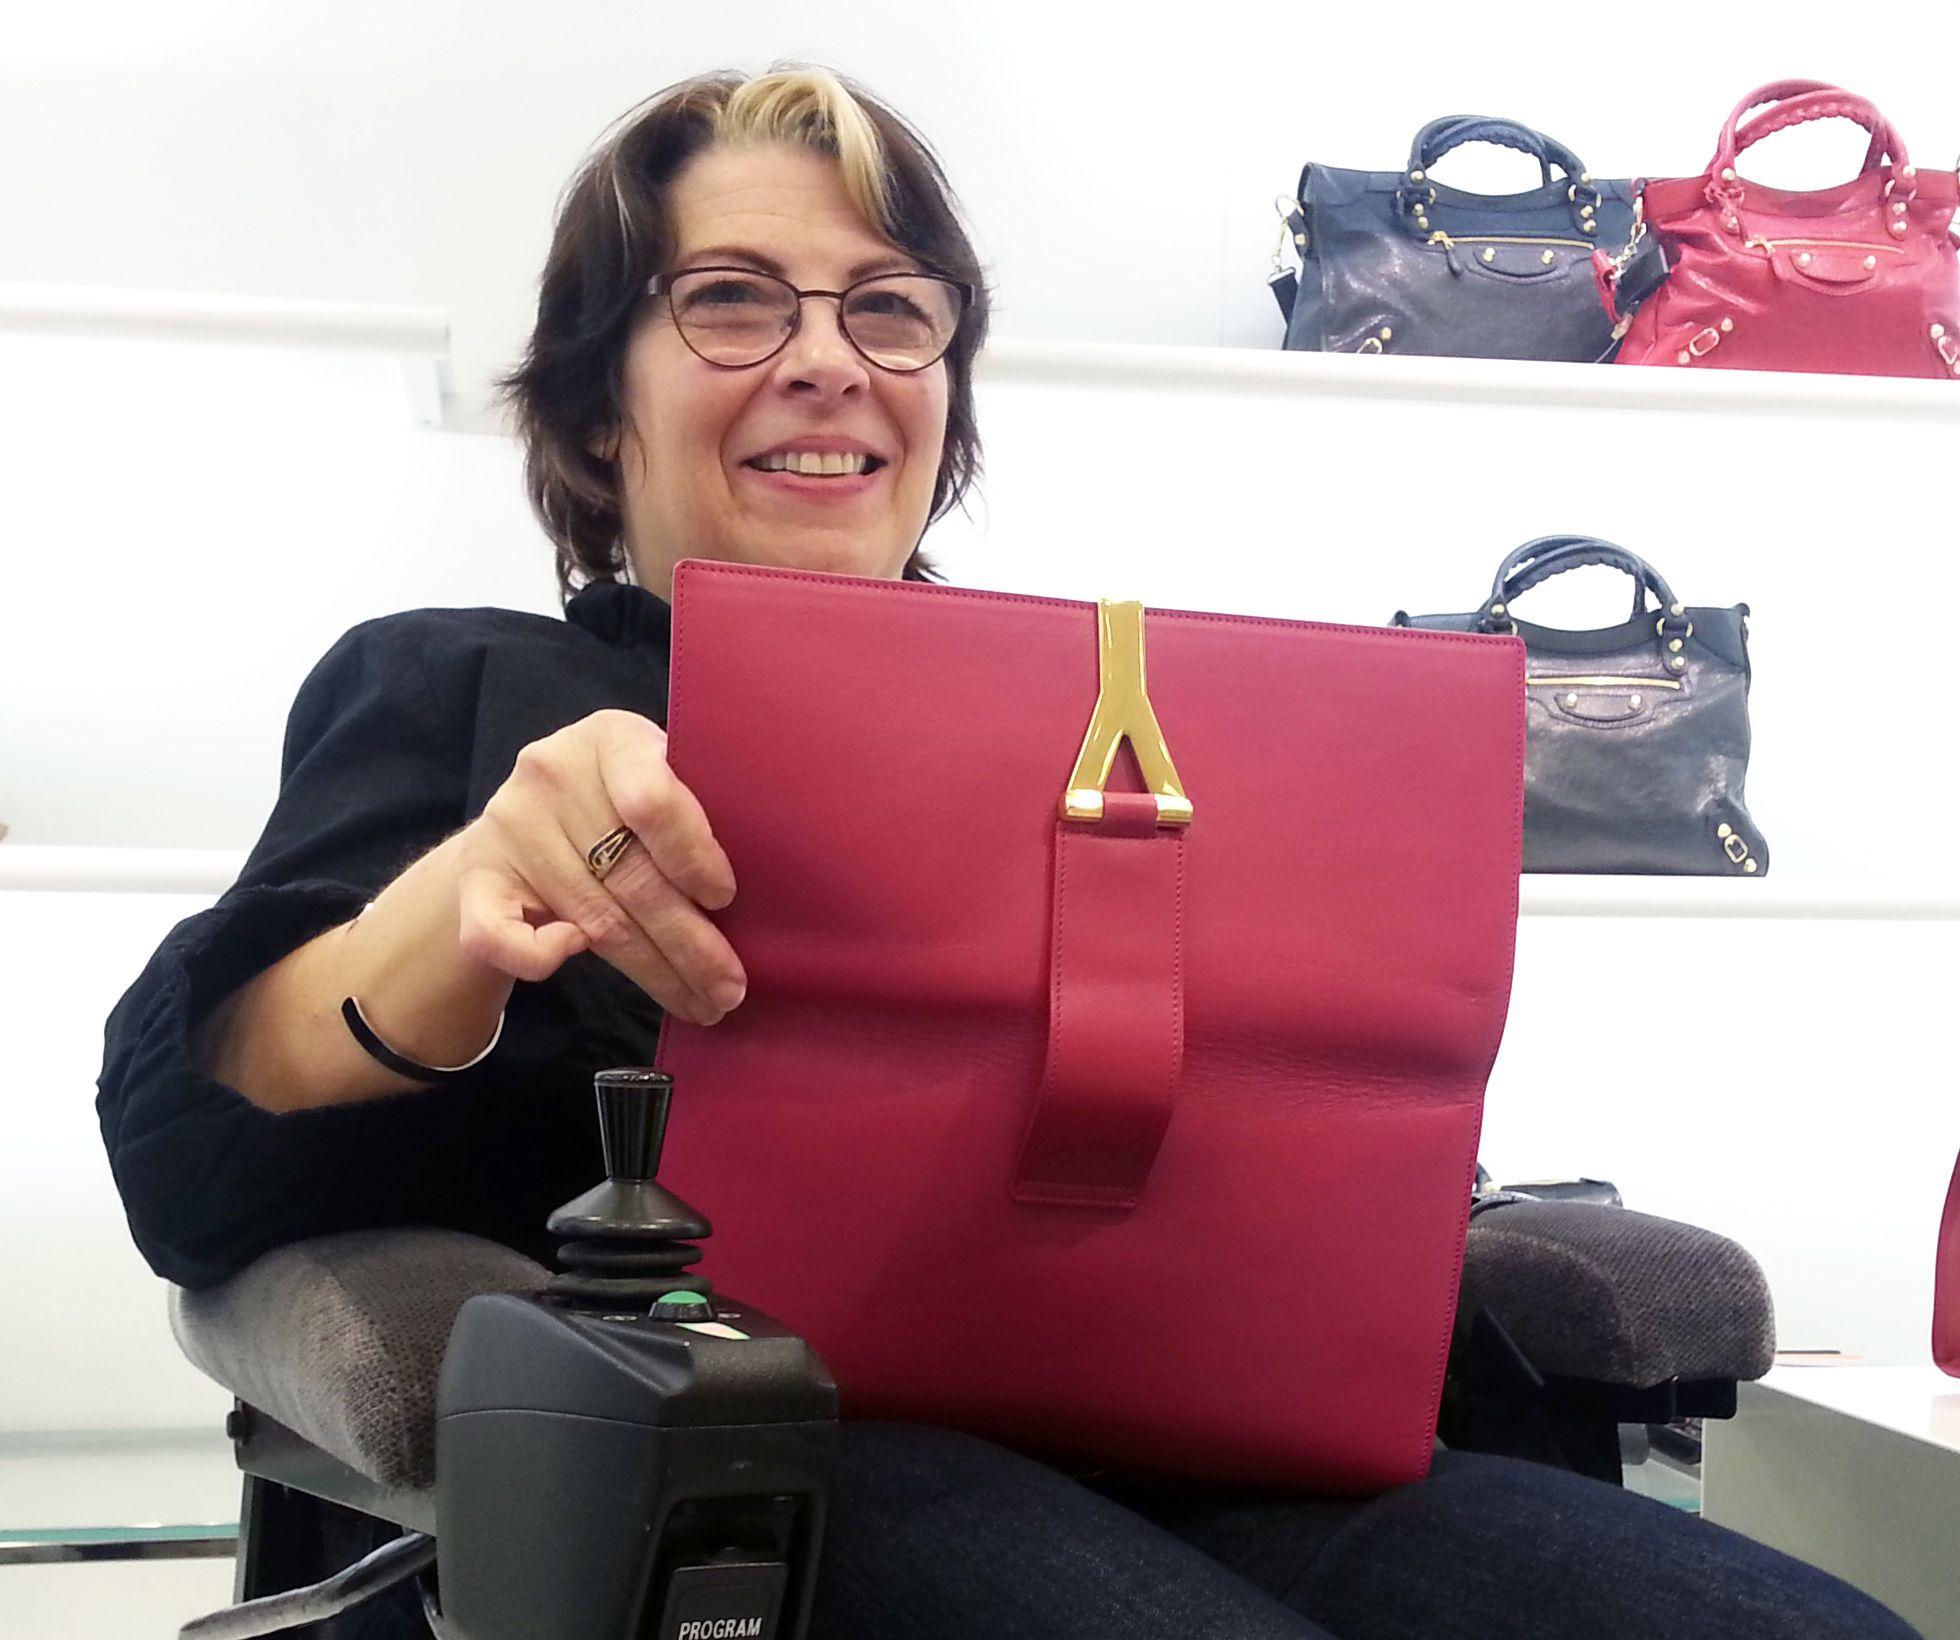 http://spashionista.com/index/2013/8/16/bag-of-honor